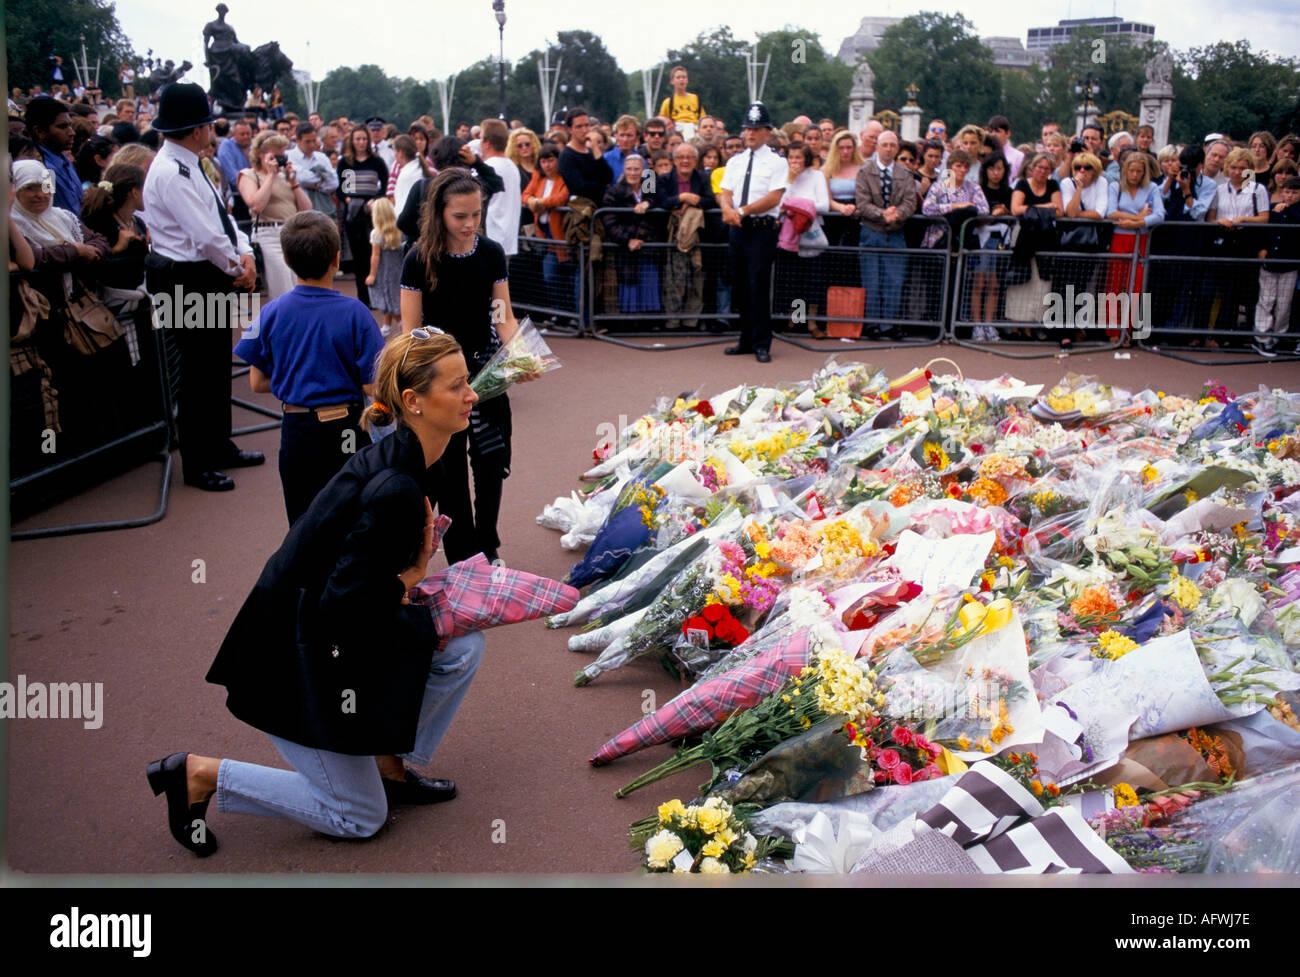 Femme à genoux tout en jetant des fleurs pour la princesse Diana de Galles à Buckingham Palace Londres Photo Stock